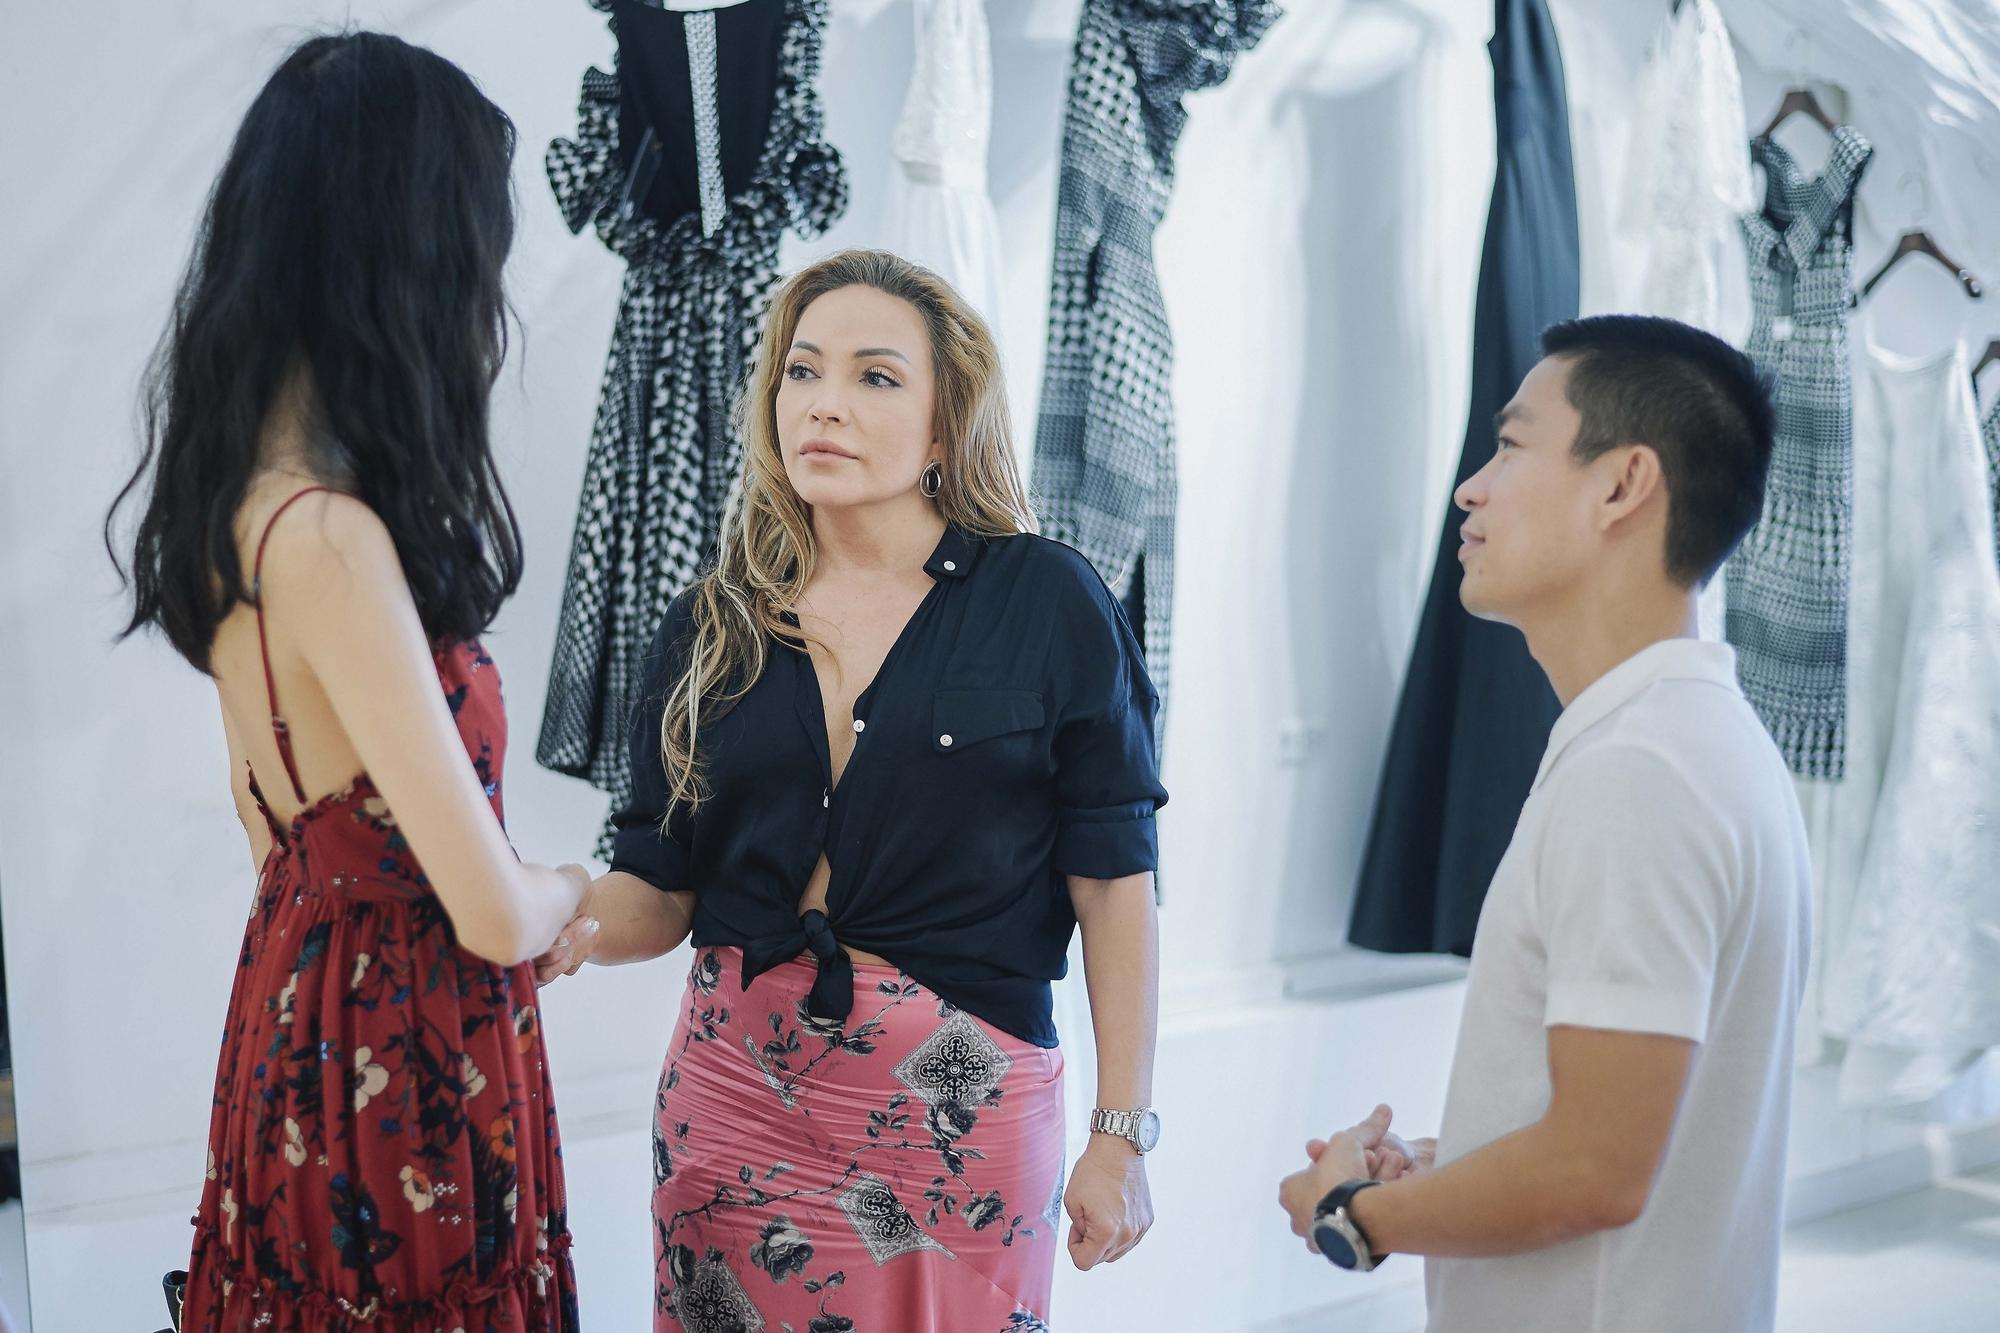 Kỳ Duyên ngày một ra dáng fashion icon, đọ sắc với Phạm Hương trong buổi thử đồ của NTK Adrian Anh Tuấn - Ảnh 11.